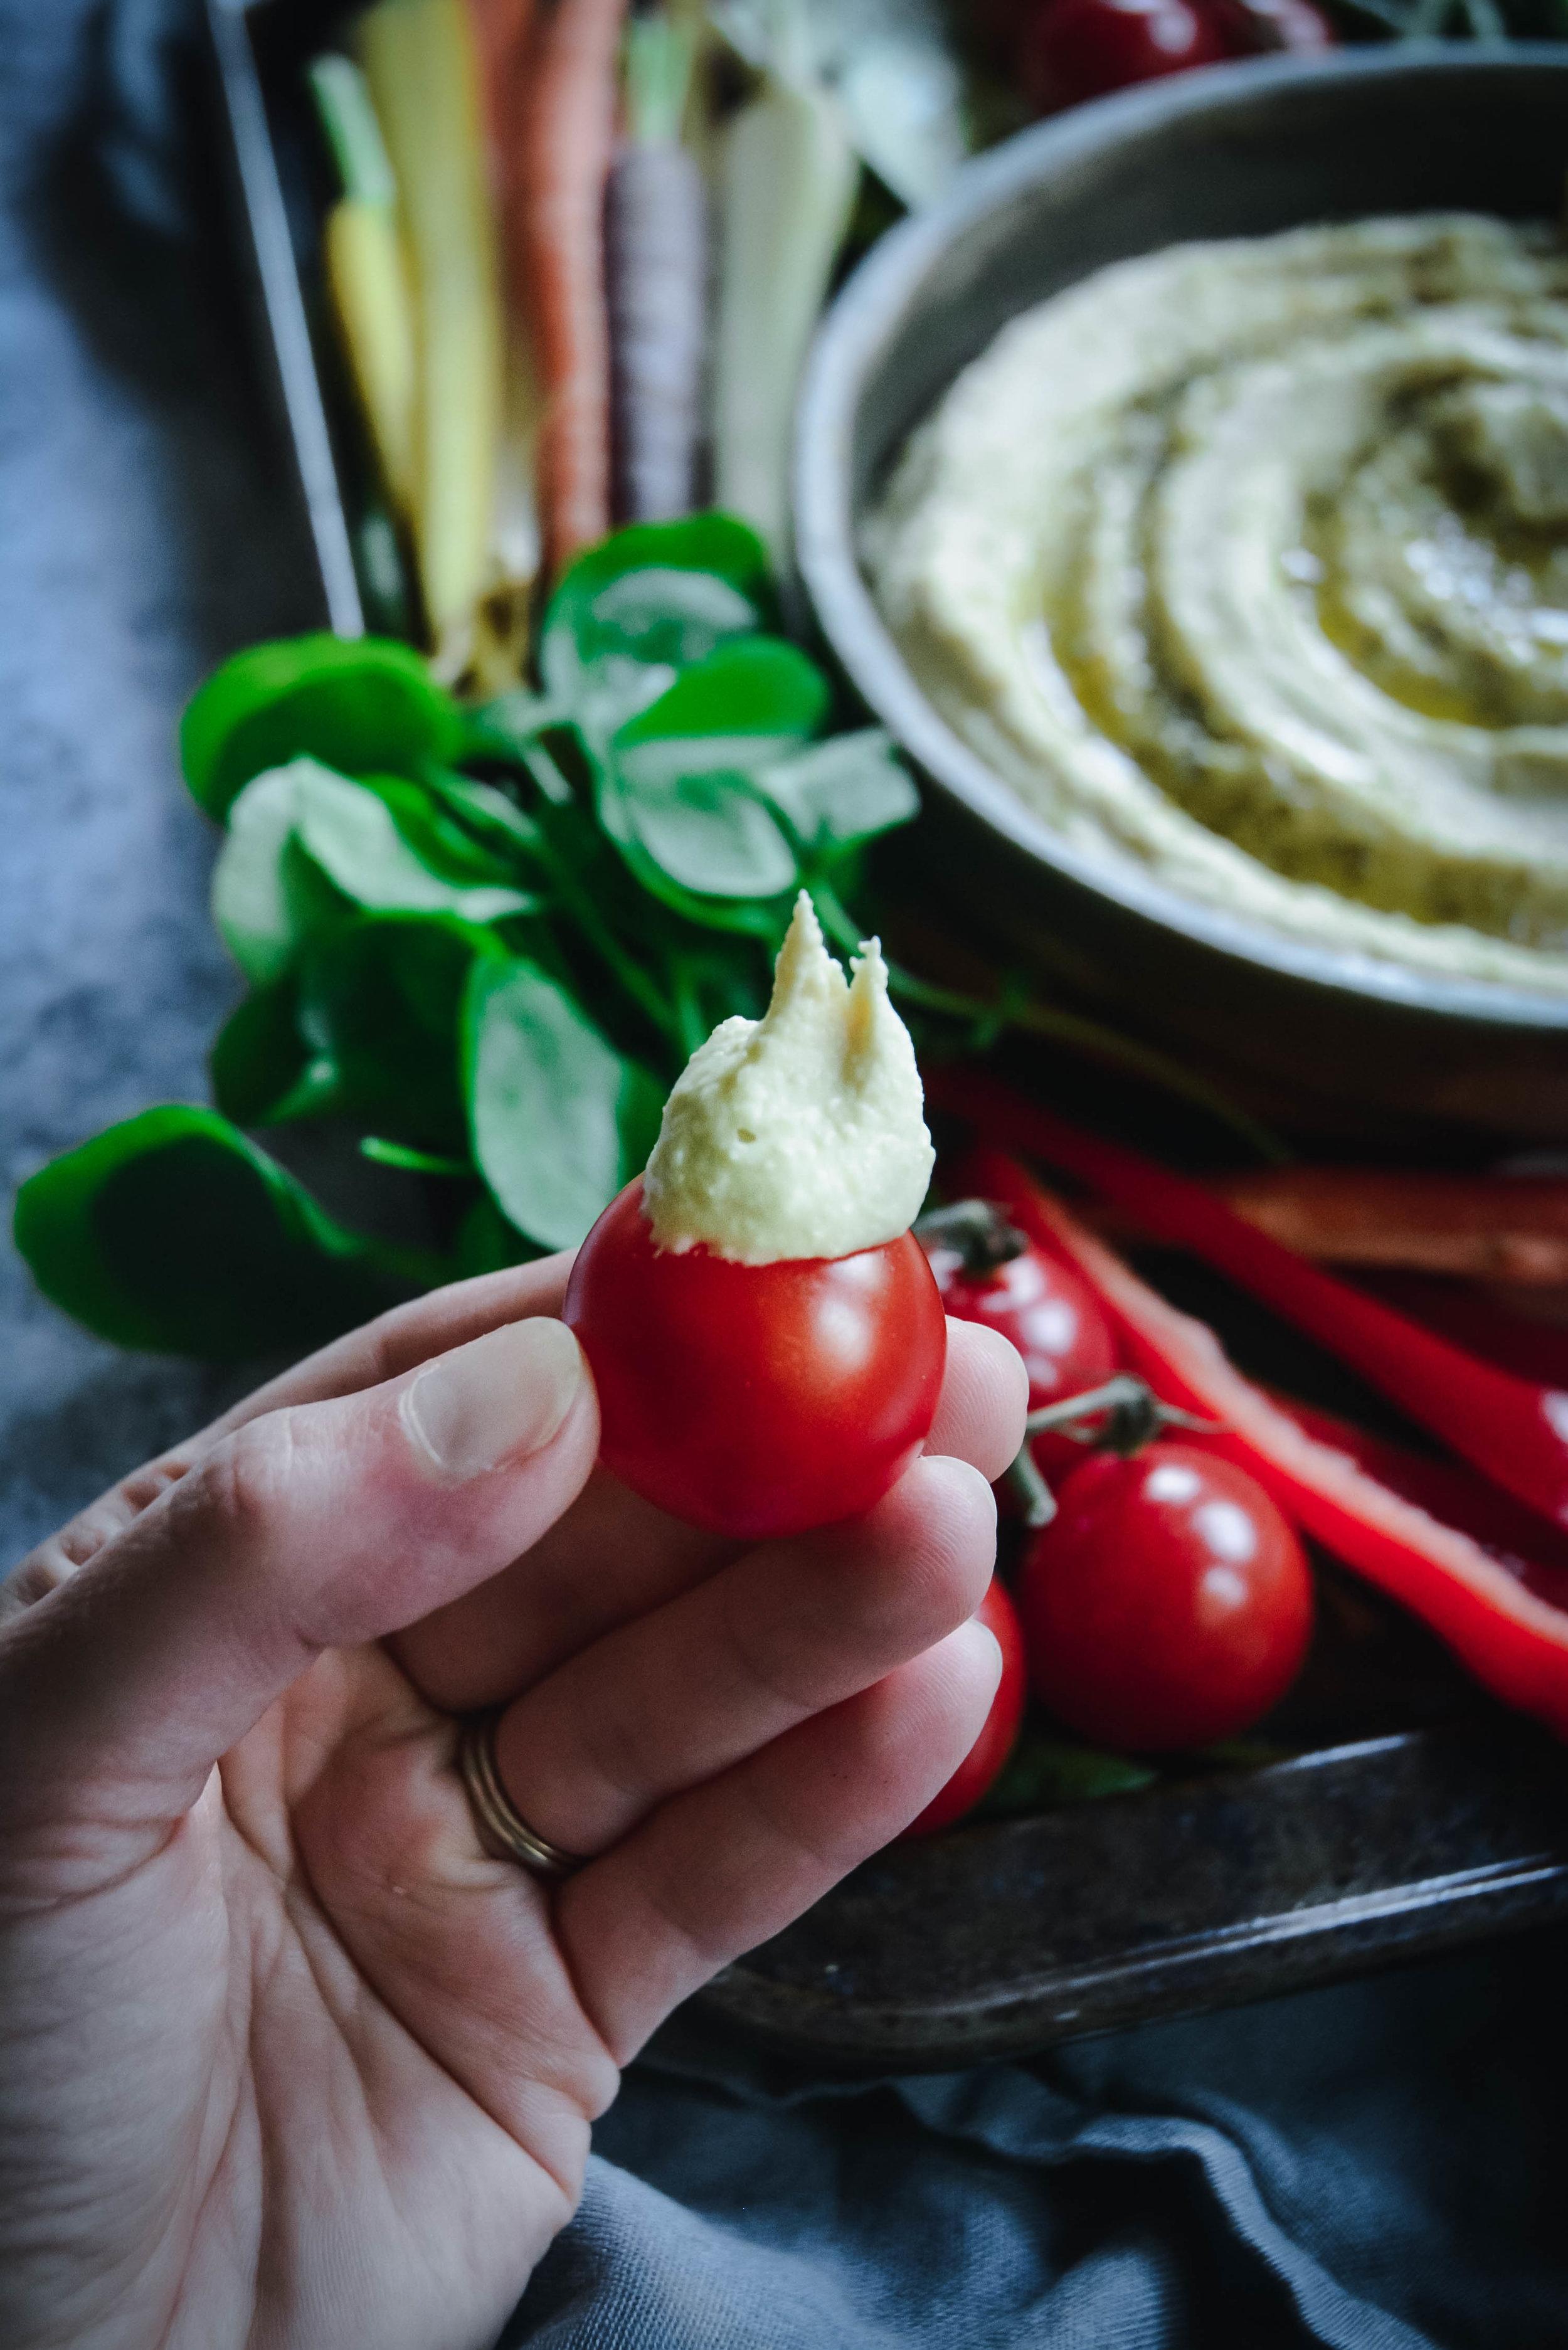 hummus and tomato